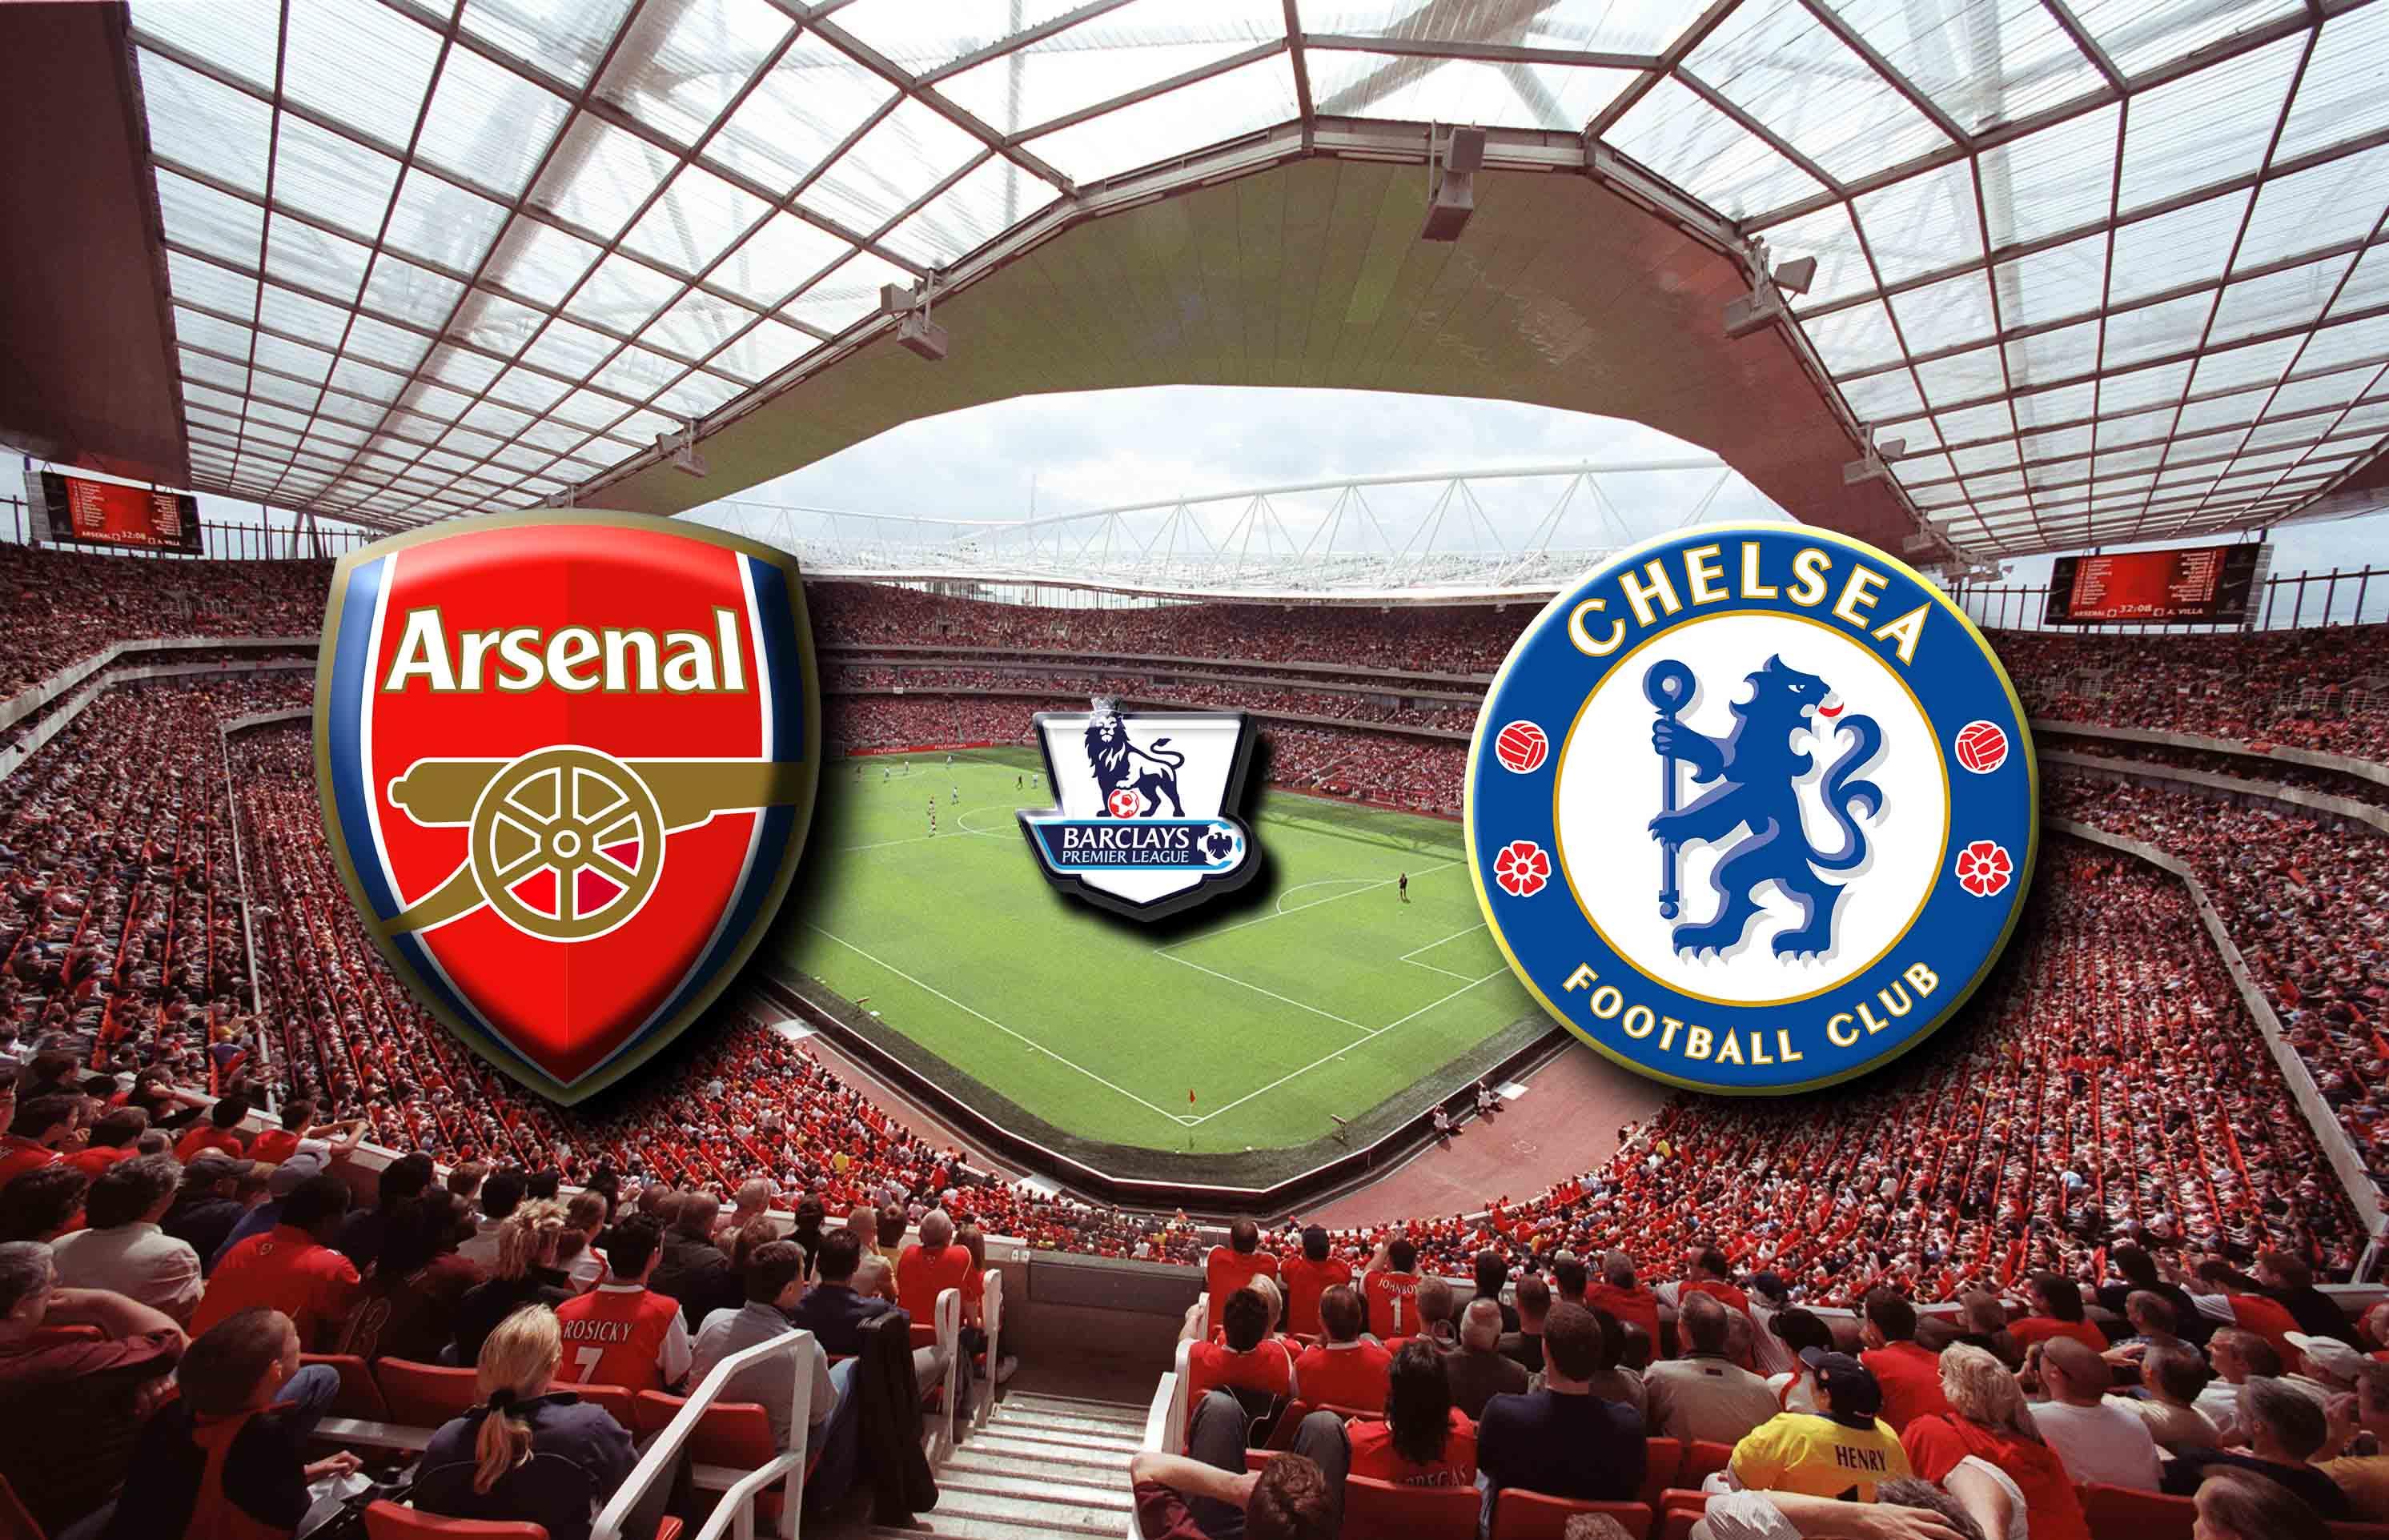 Прогноз на матч Арсенал - Челси 24 января 2016